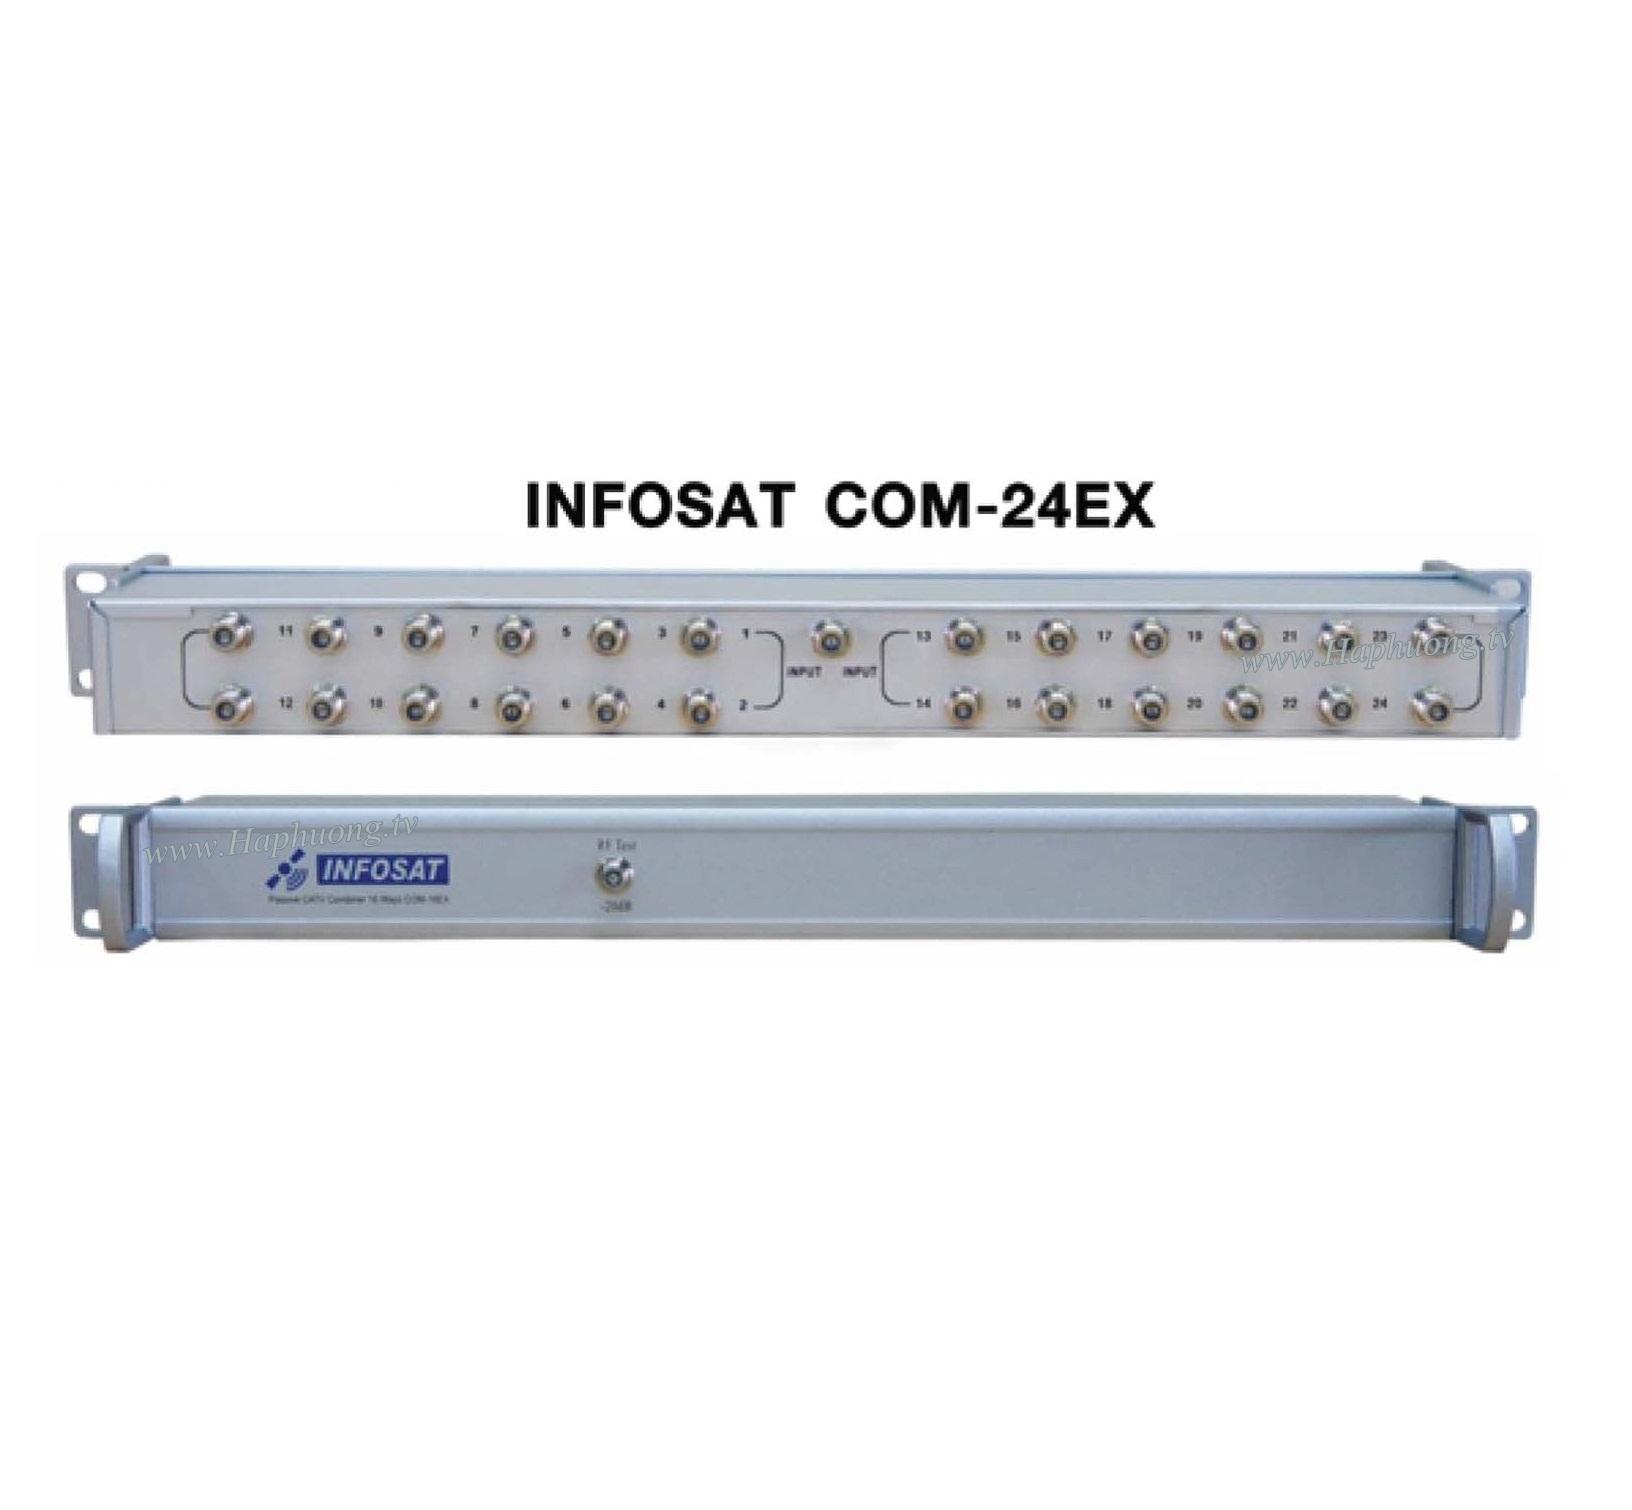 Trộn tín hiệu Infosat COM-24EX